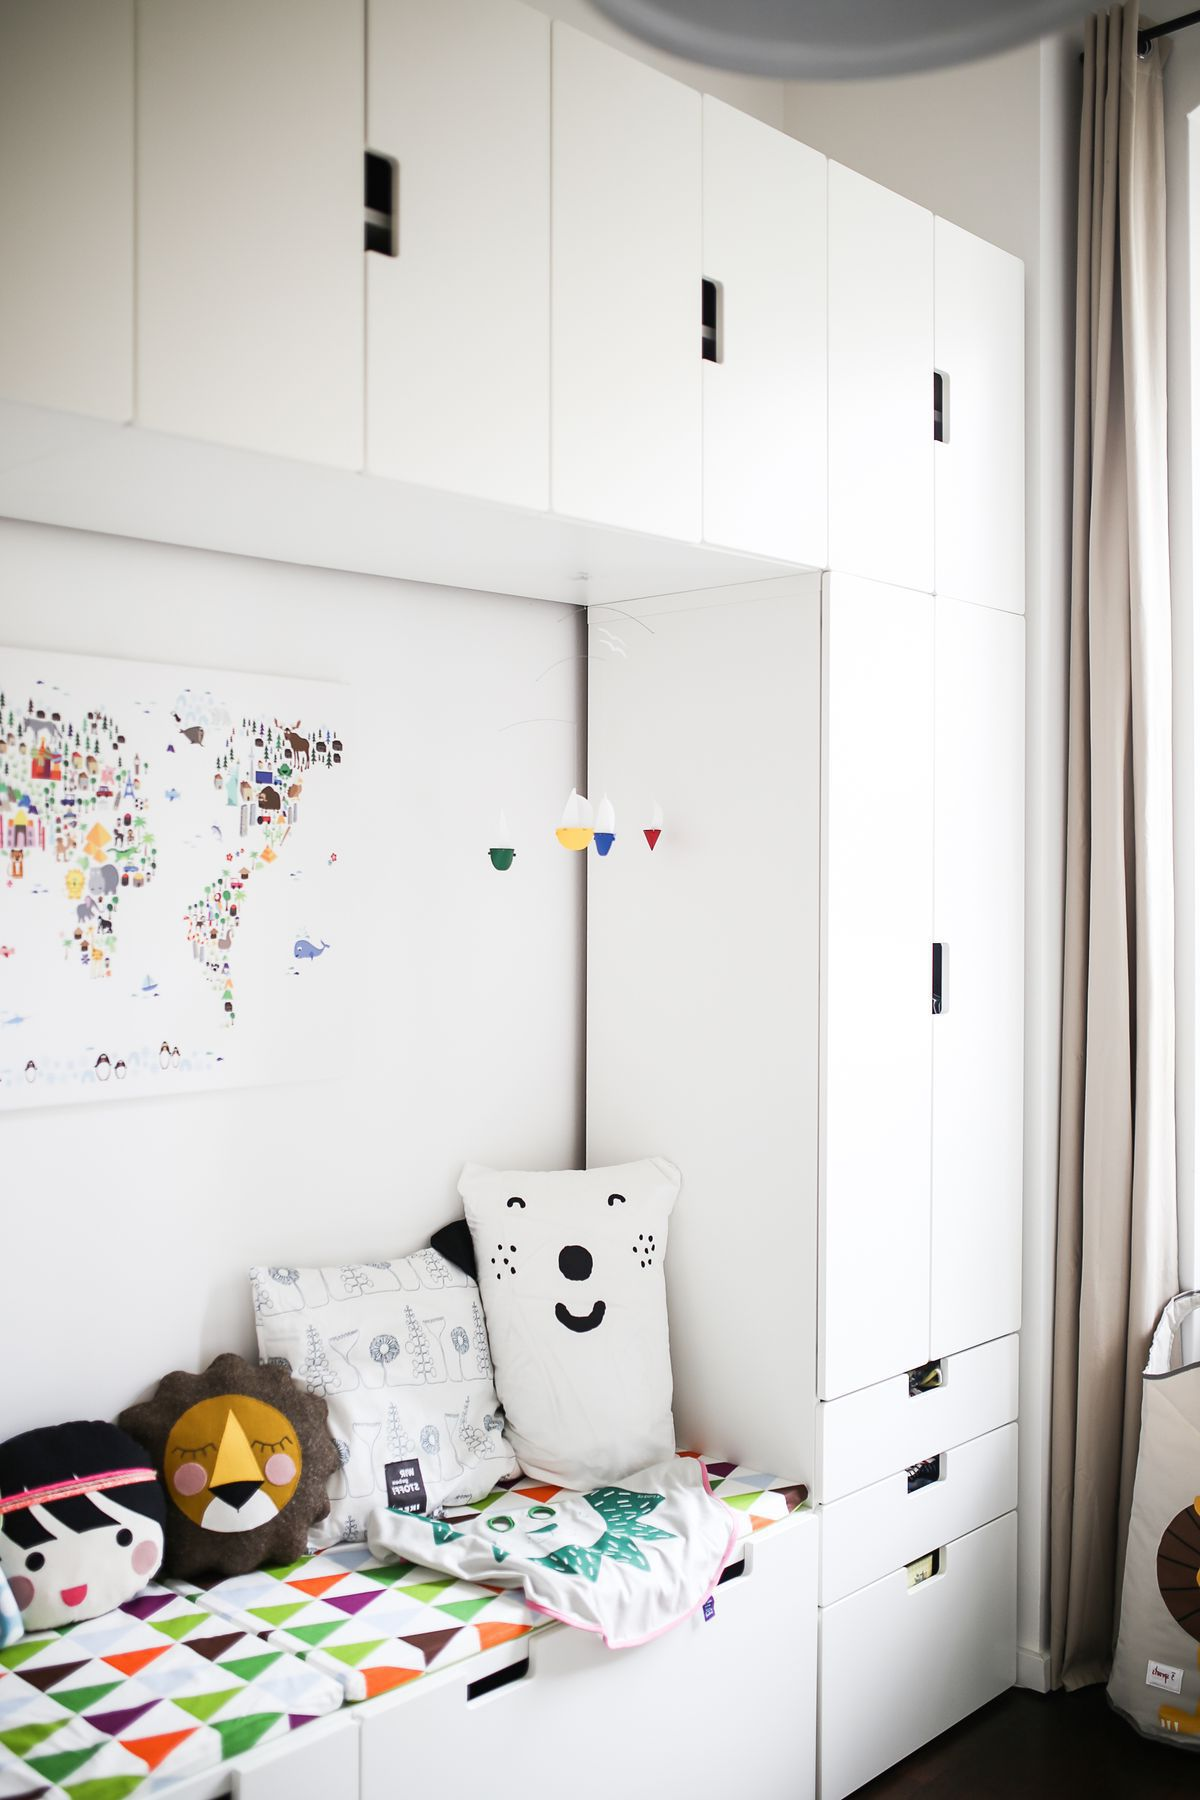 Couch En Opslag Organisatie In De Kinderkamer Met De Hulp